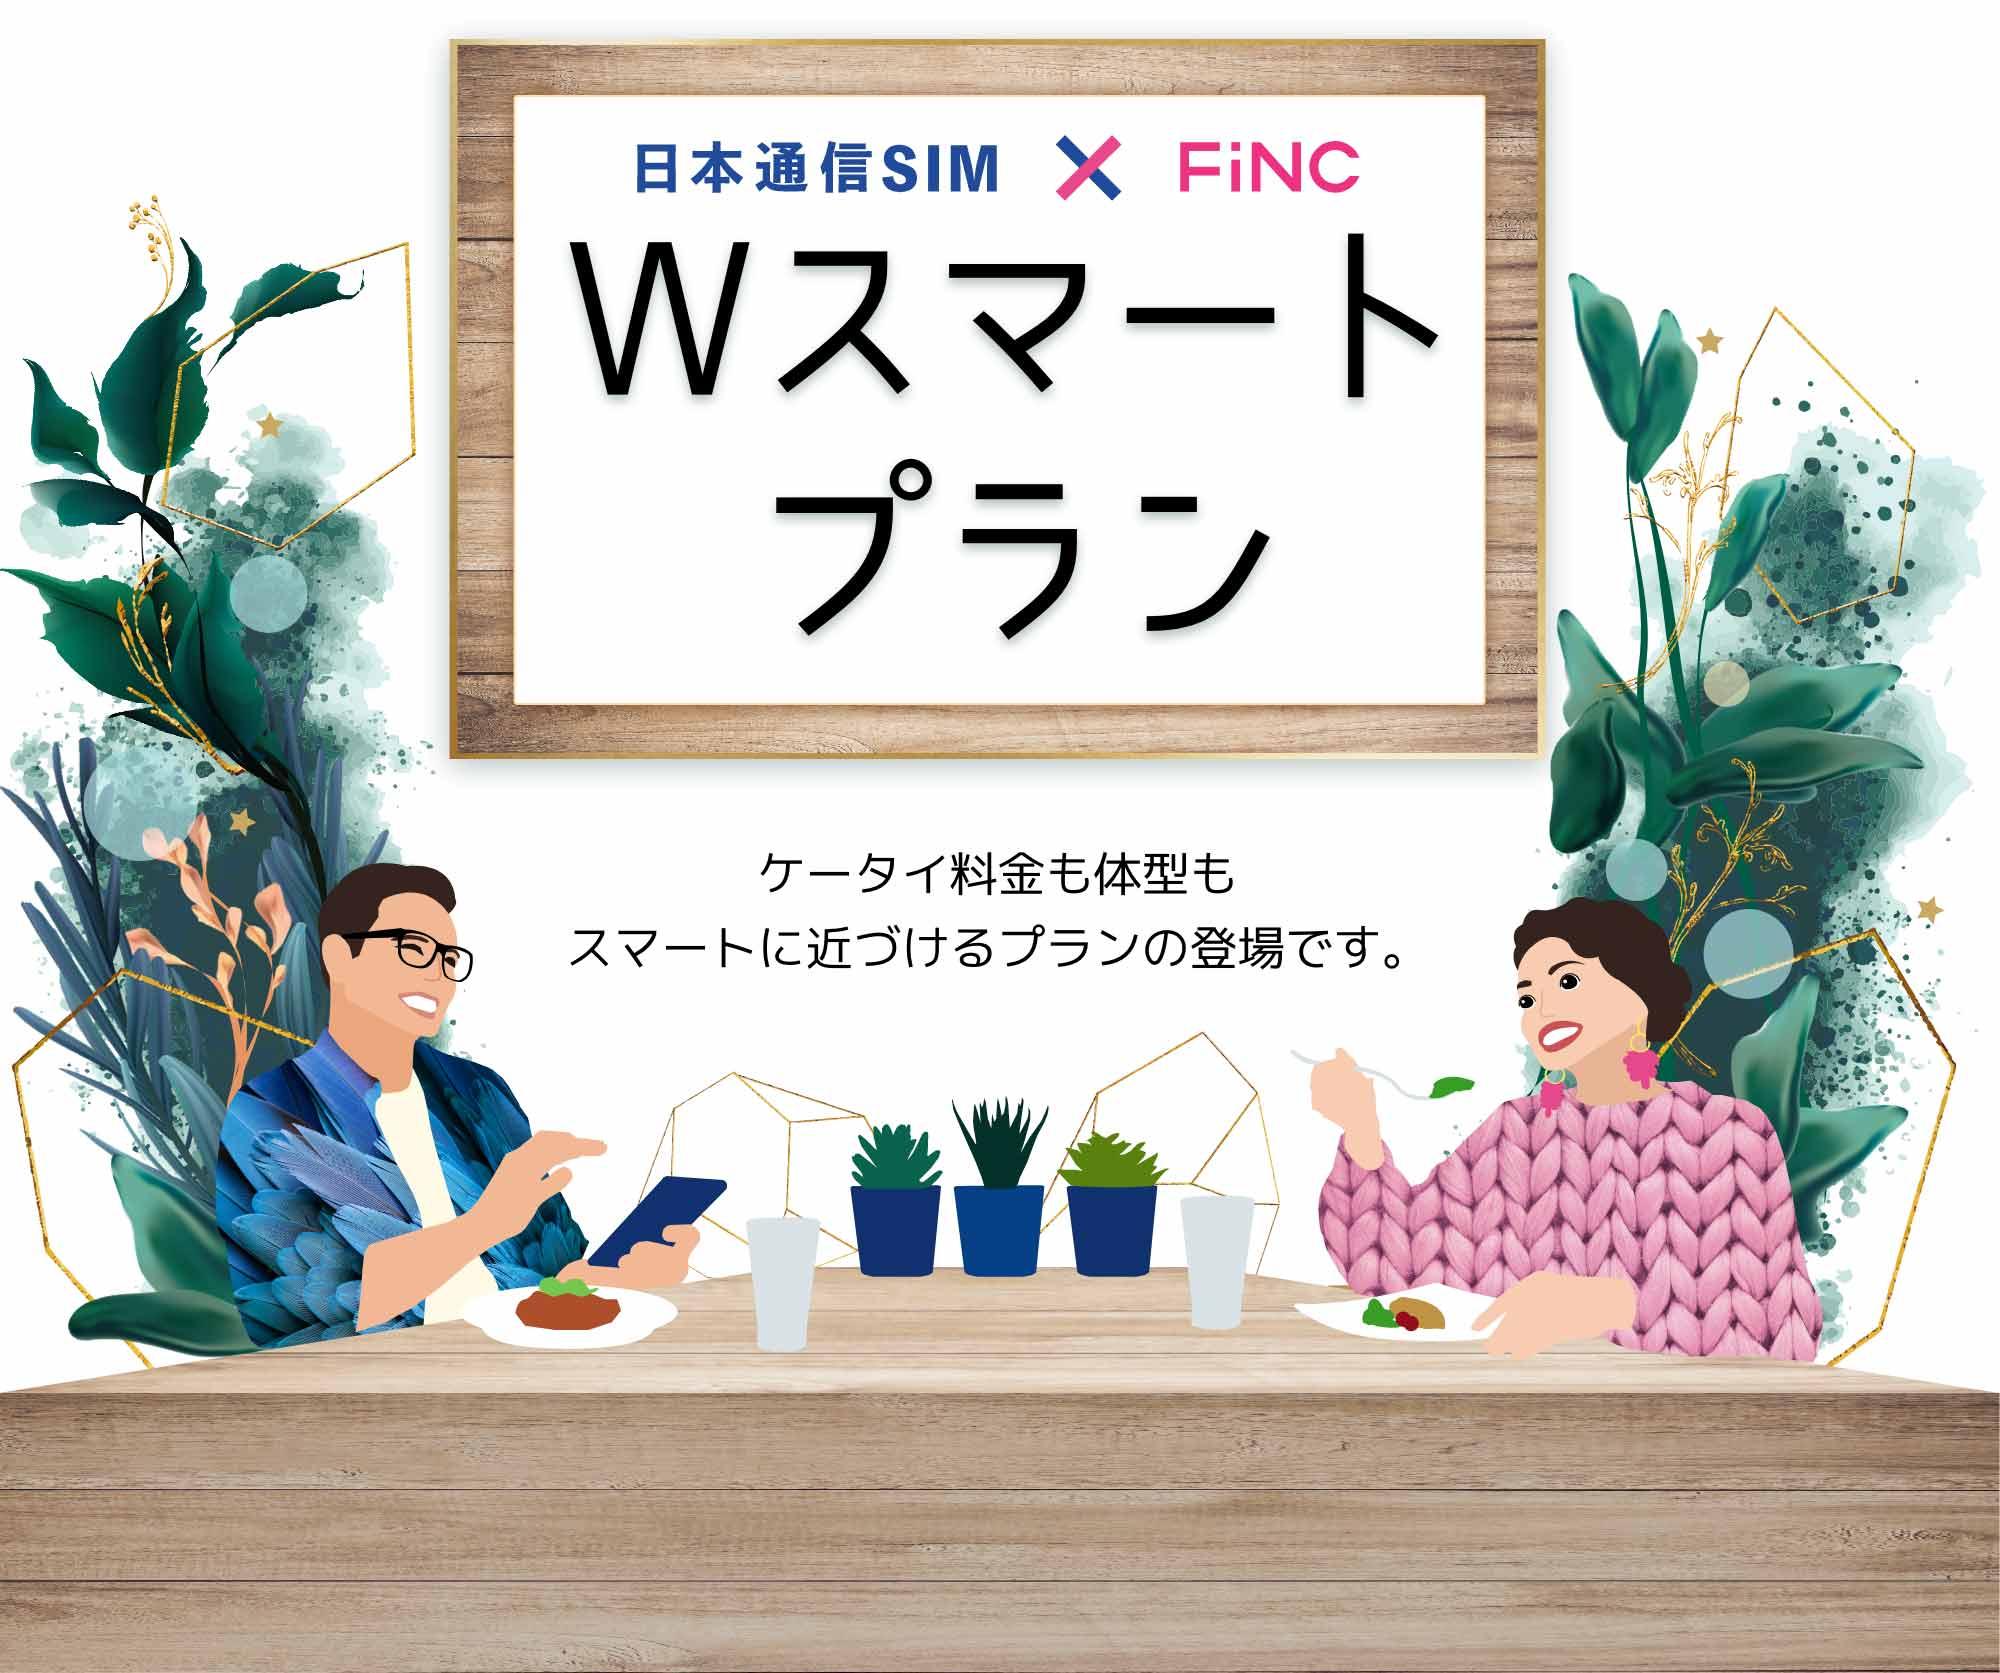 日本通信が音声3GB+無料通話70分セットで1580円/月の「Wスマートプラン」を提供開始へ。ついでに健康管理アプリのFiNCも付いてくる。10/9~。